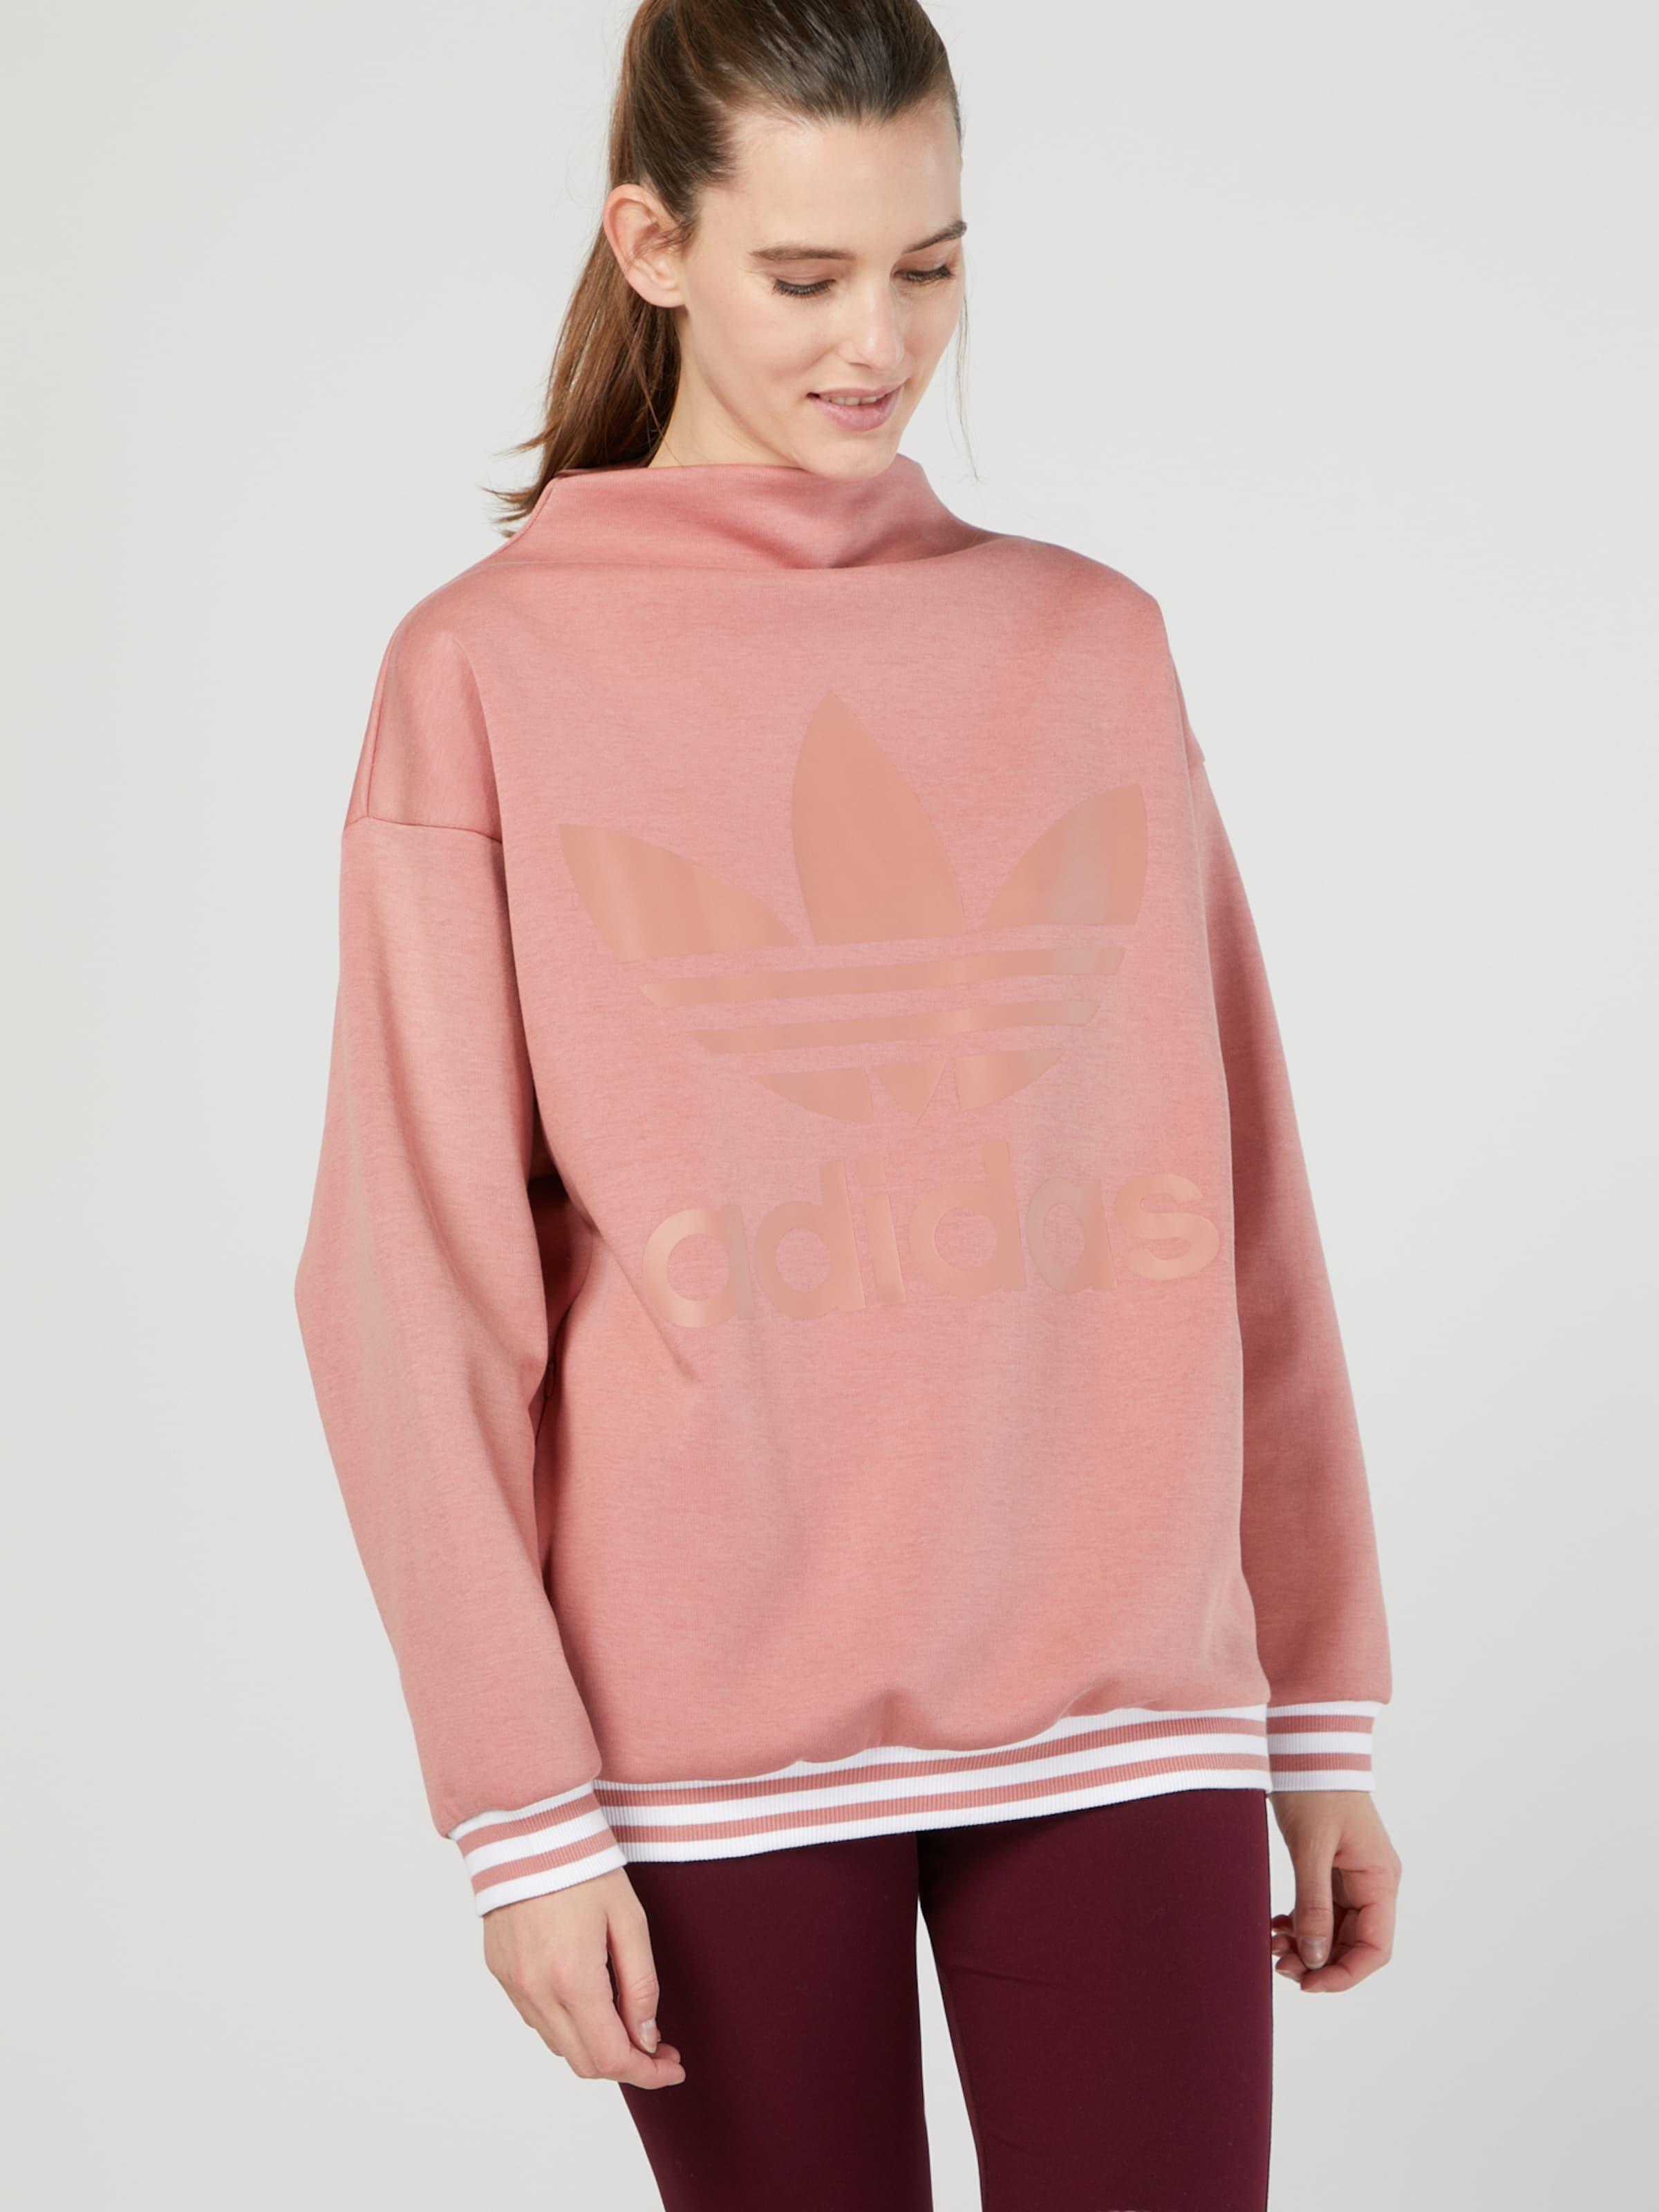 ADIDAS ORIGINALS Sweatshirt 'SWEATSHIRT' Spielraum Klassisch Billig Und Schön Online Gehen Wo Billige Echte Kaufen Günstig Kaufen Original cFHzOhL